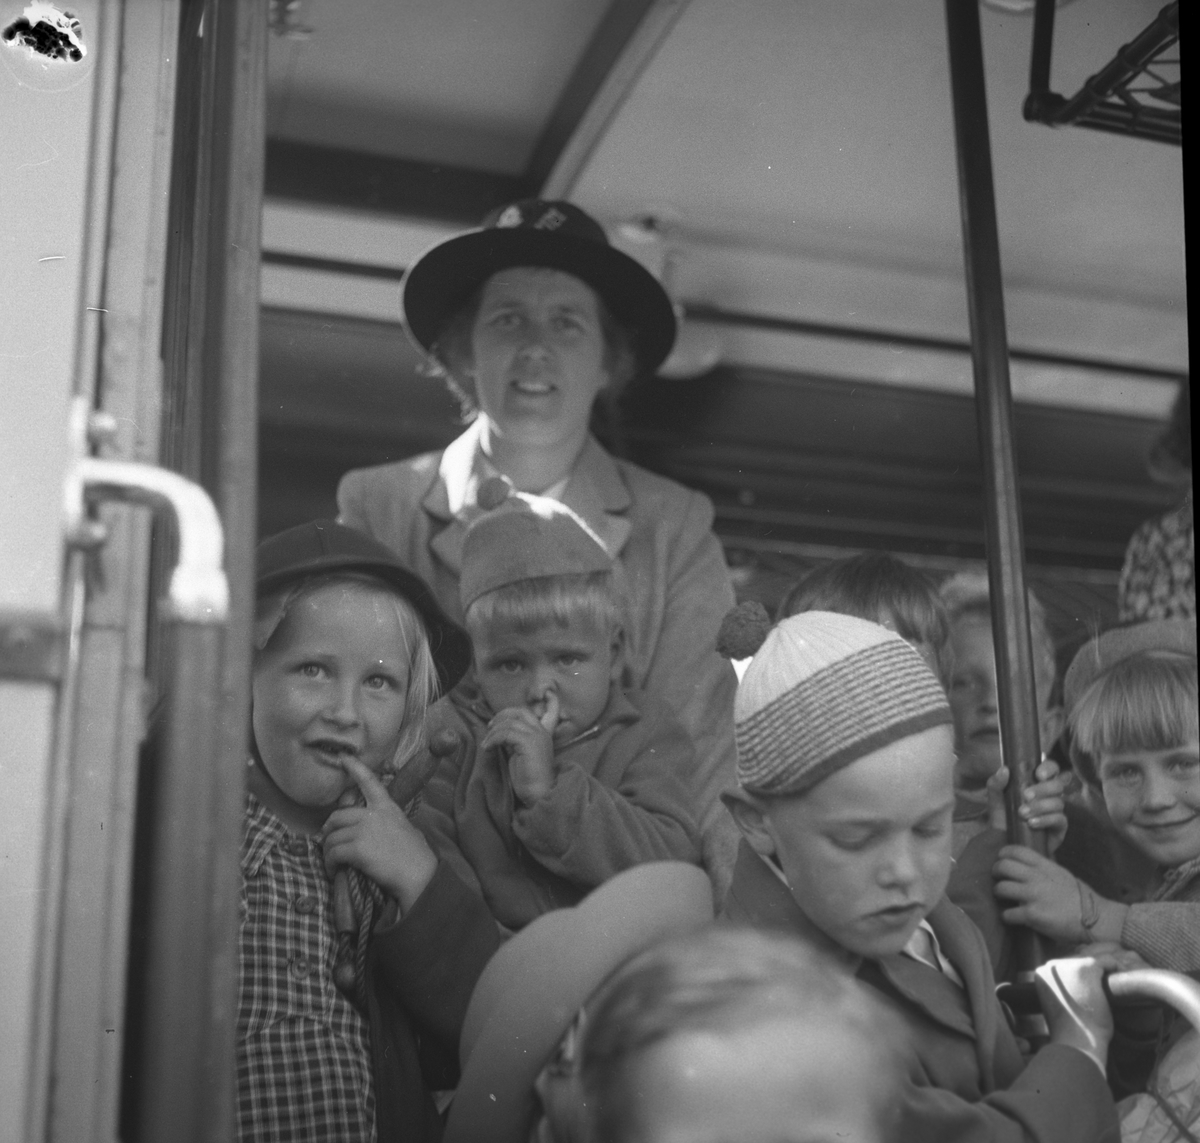 Barn som ska tillbringa sommaren på Rörbergs koloni. Reportage för Norrlands-Posten. 19 - 20 maj 1949.